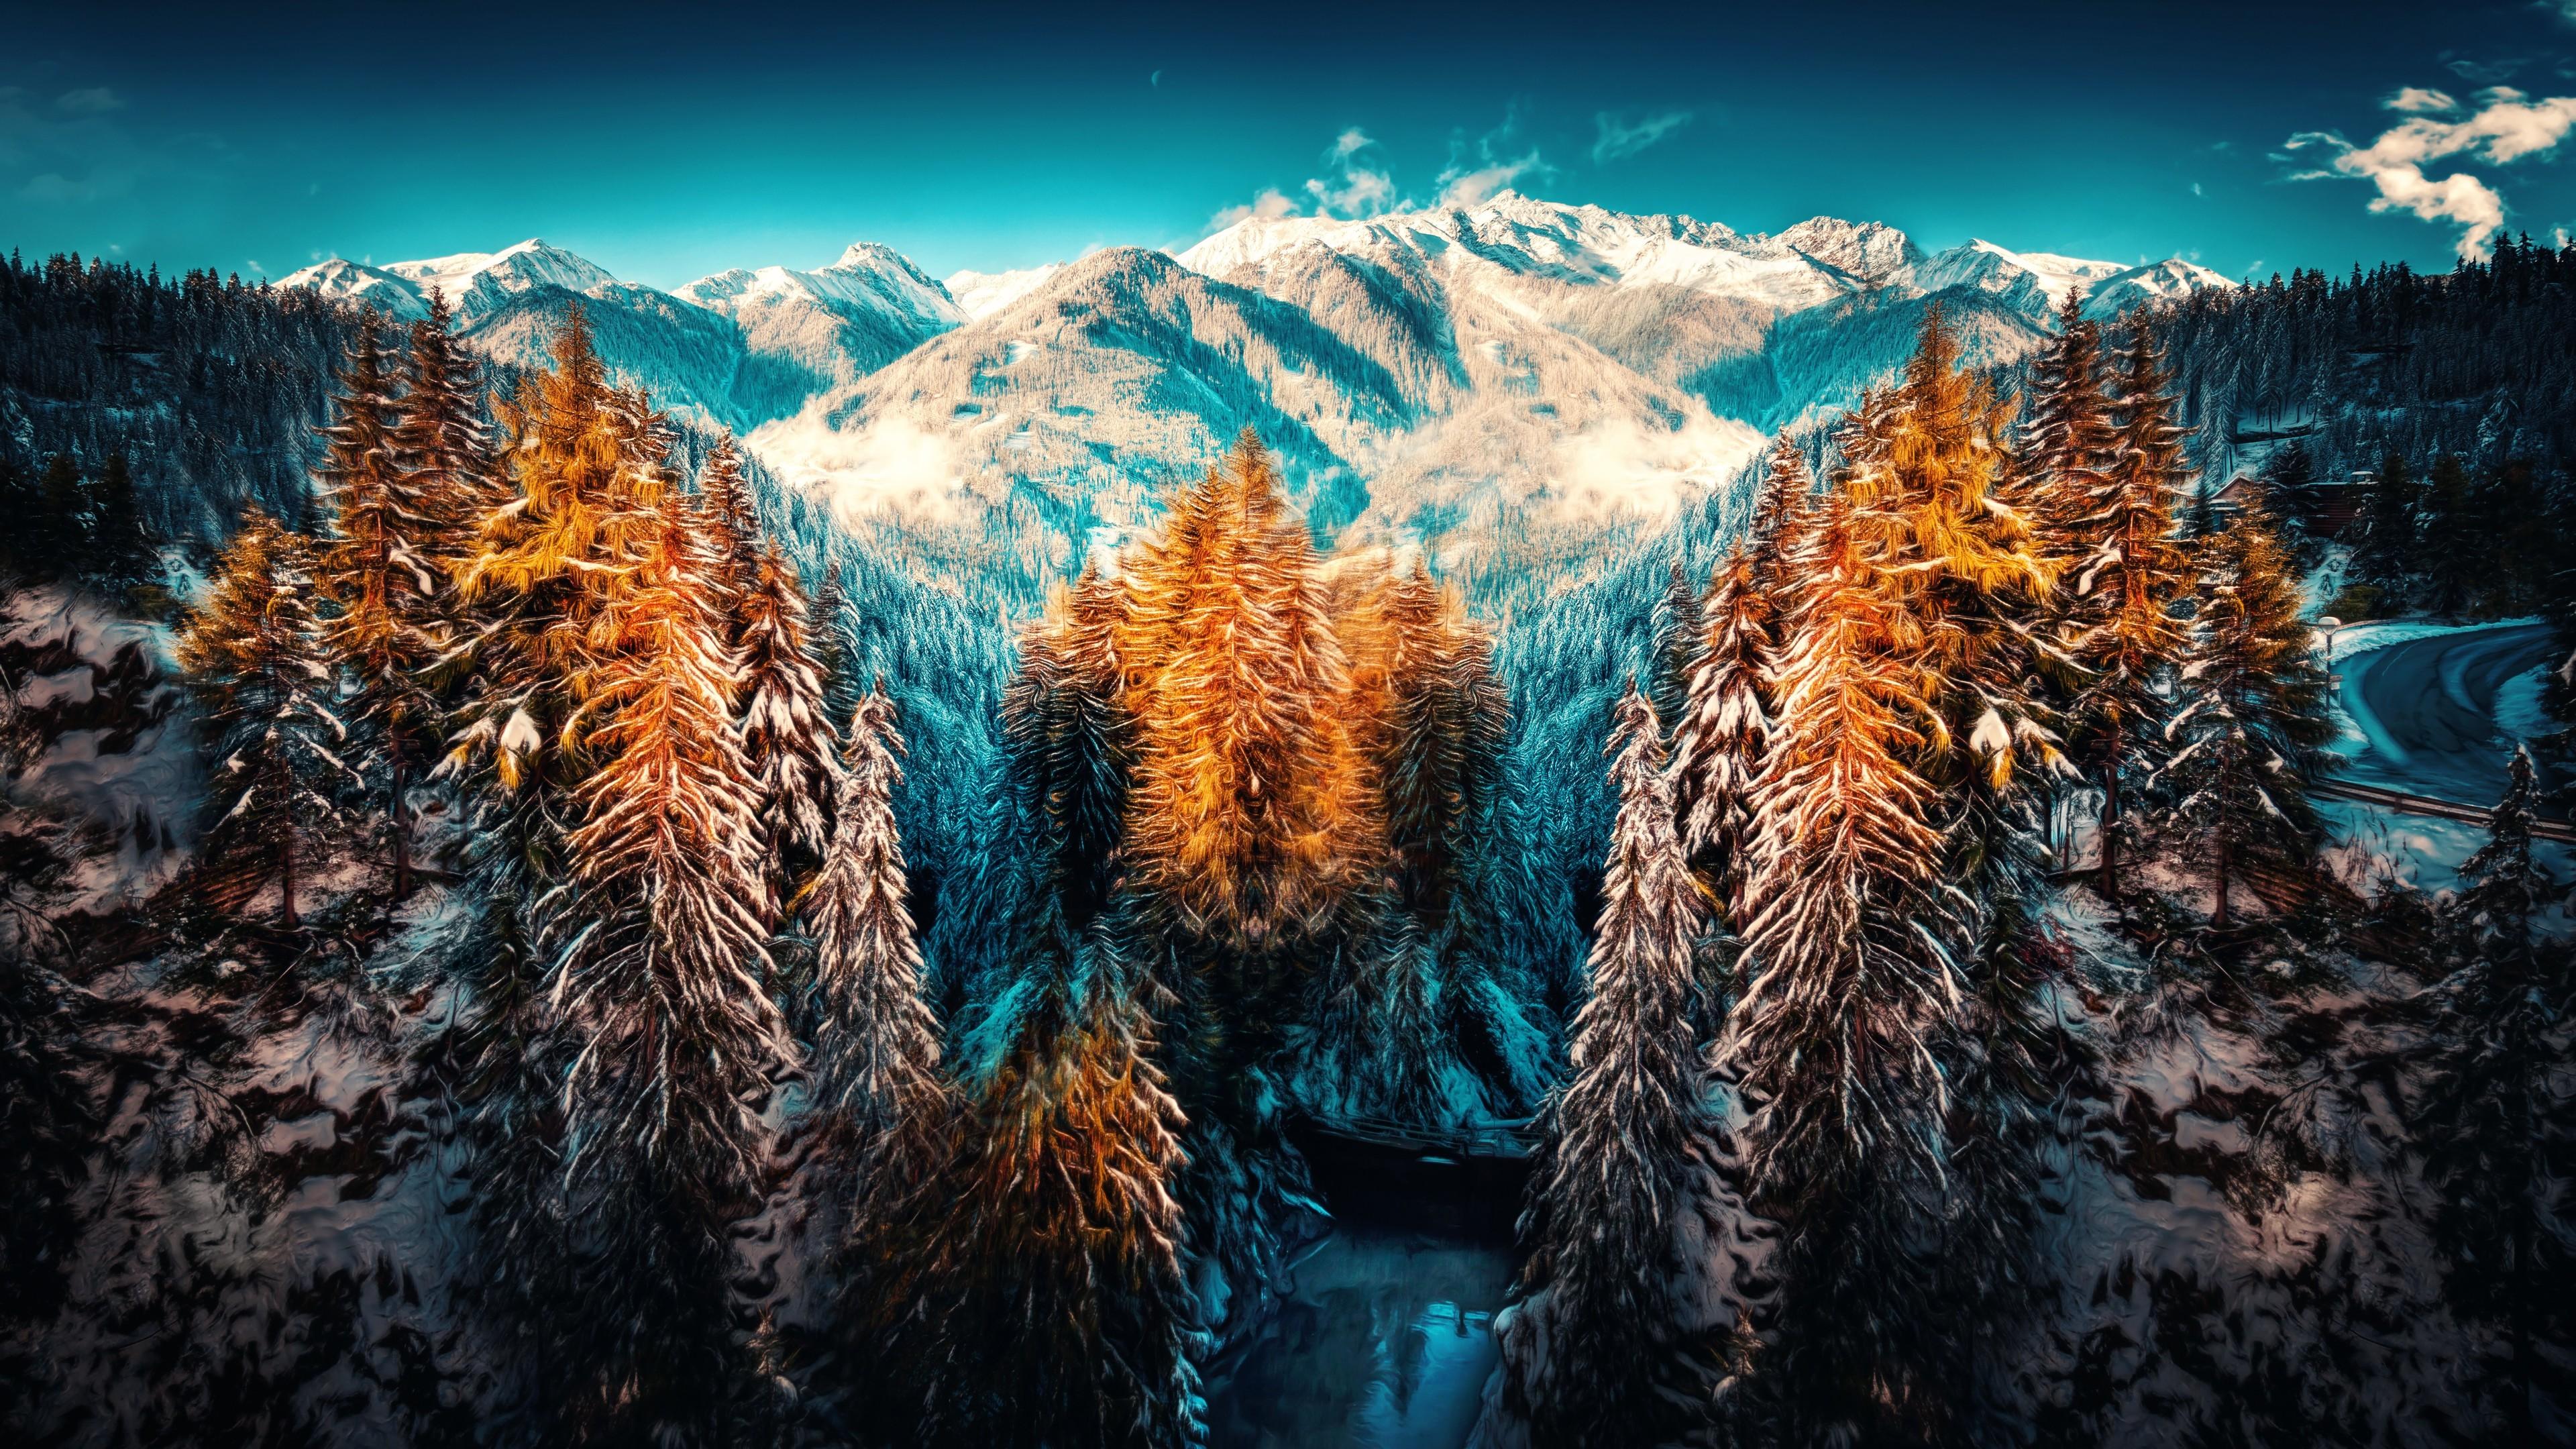 Snow Landscape Mountains Trees Forest 4k Hd Landscape Desktop Backgrounds 3840x2160 Wallpaper Teahub Io